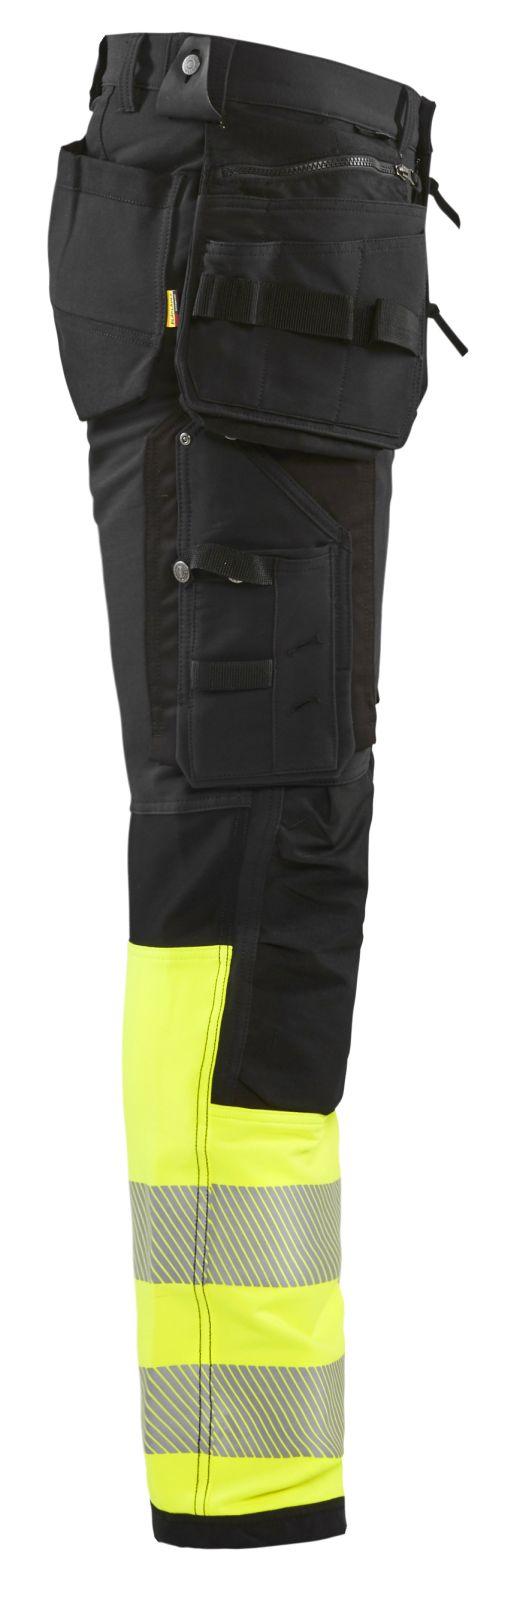 Blaklader Broeken 19931642 zwart-fluo geel(9933)